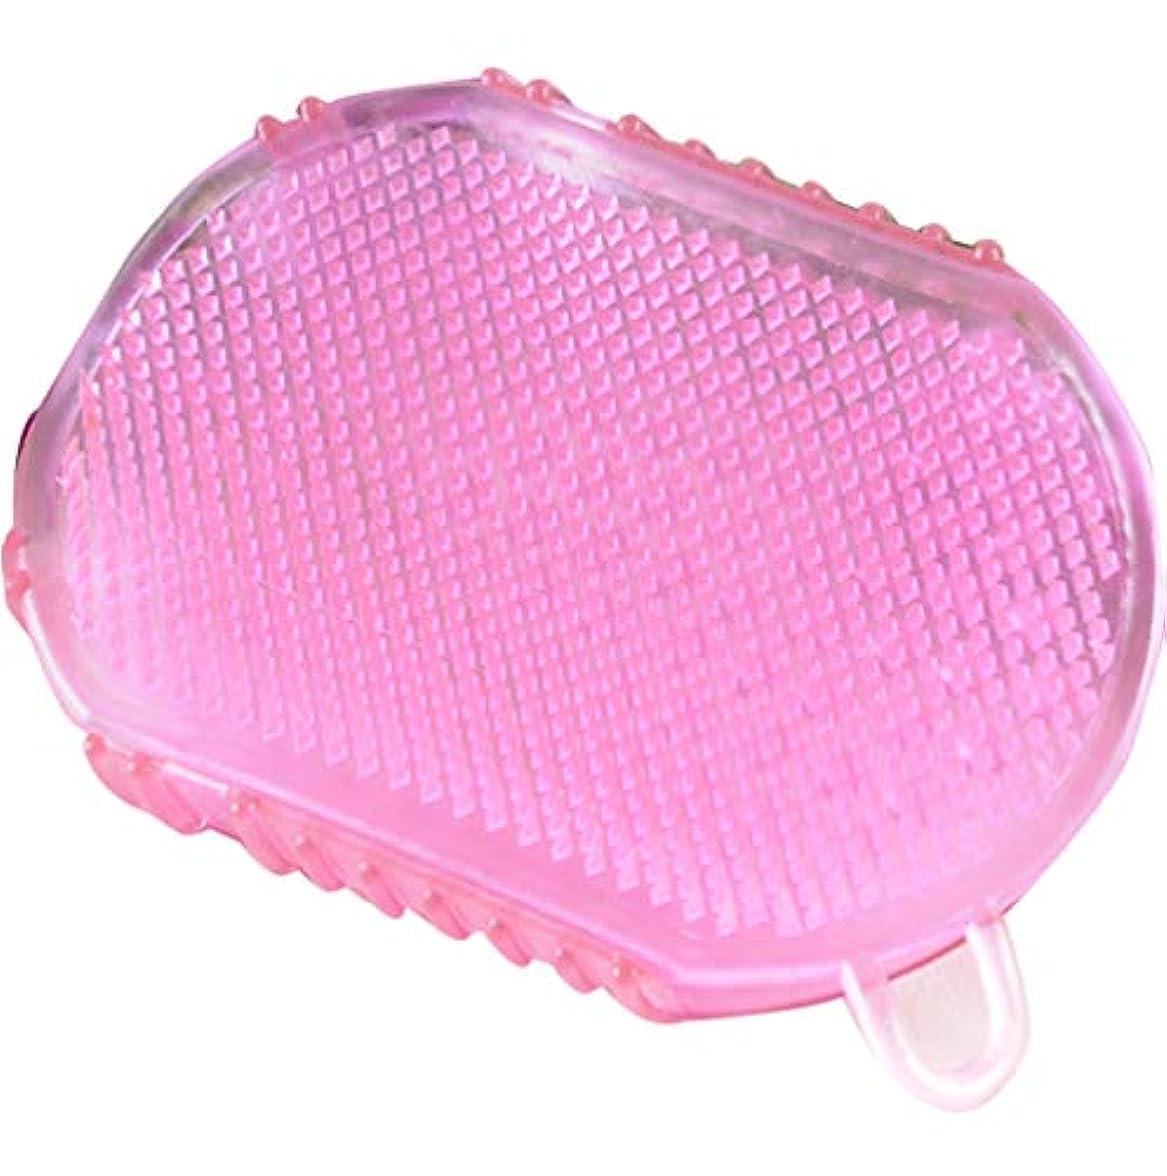 バイソン消費者クラブ1Pcs Soft Silicone Massage Scrub Gloves For Peeling Body Bath Brush Exfoliating Gloves Footbrush for the Bath...